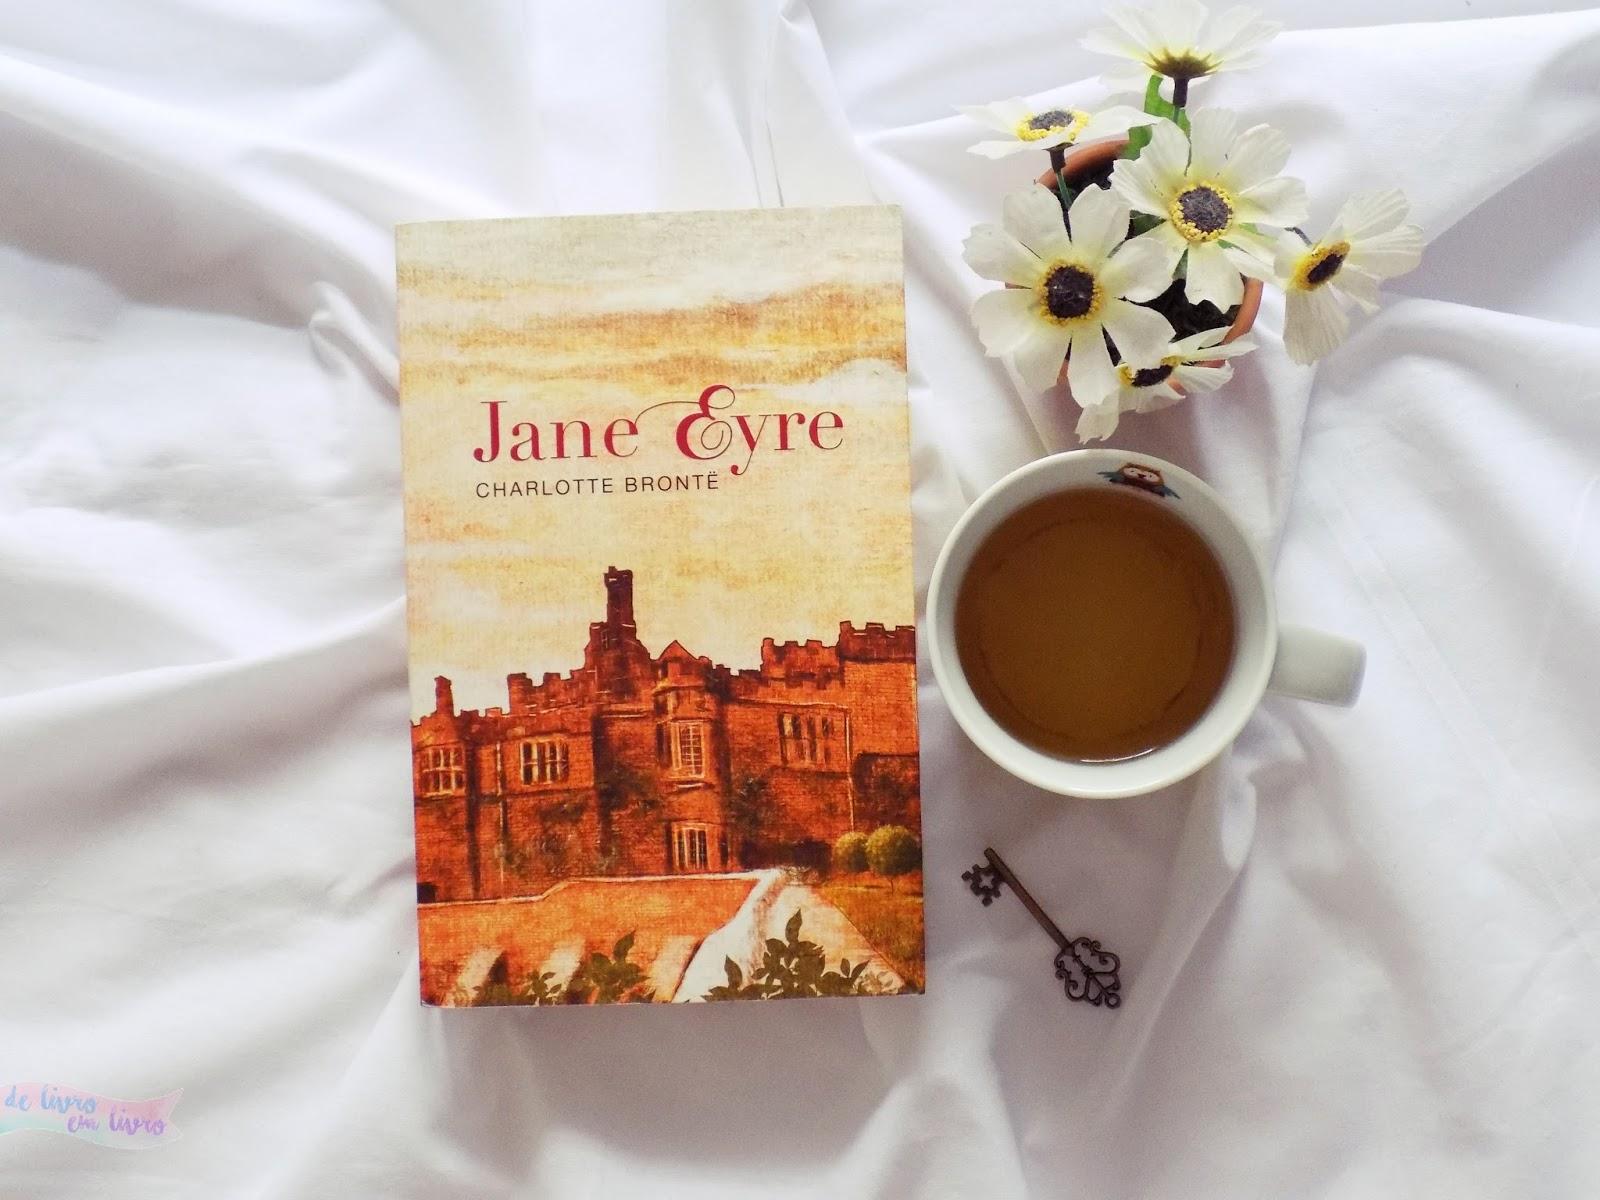 Resenha: Jane Eyre - Charlotte Brontë - De Livro em Livro